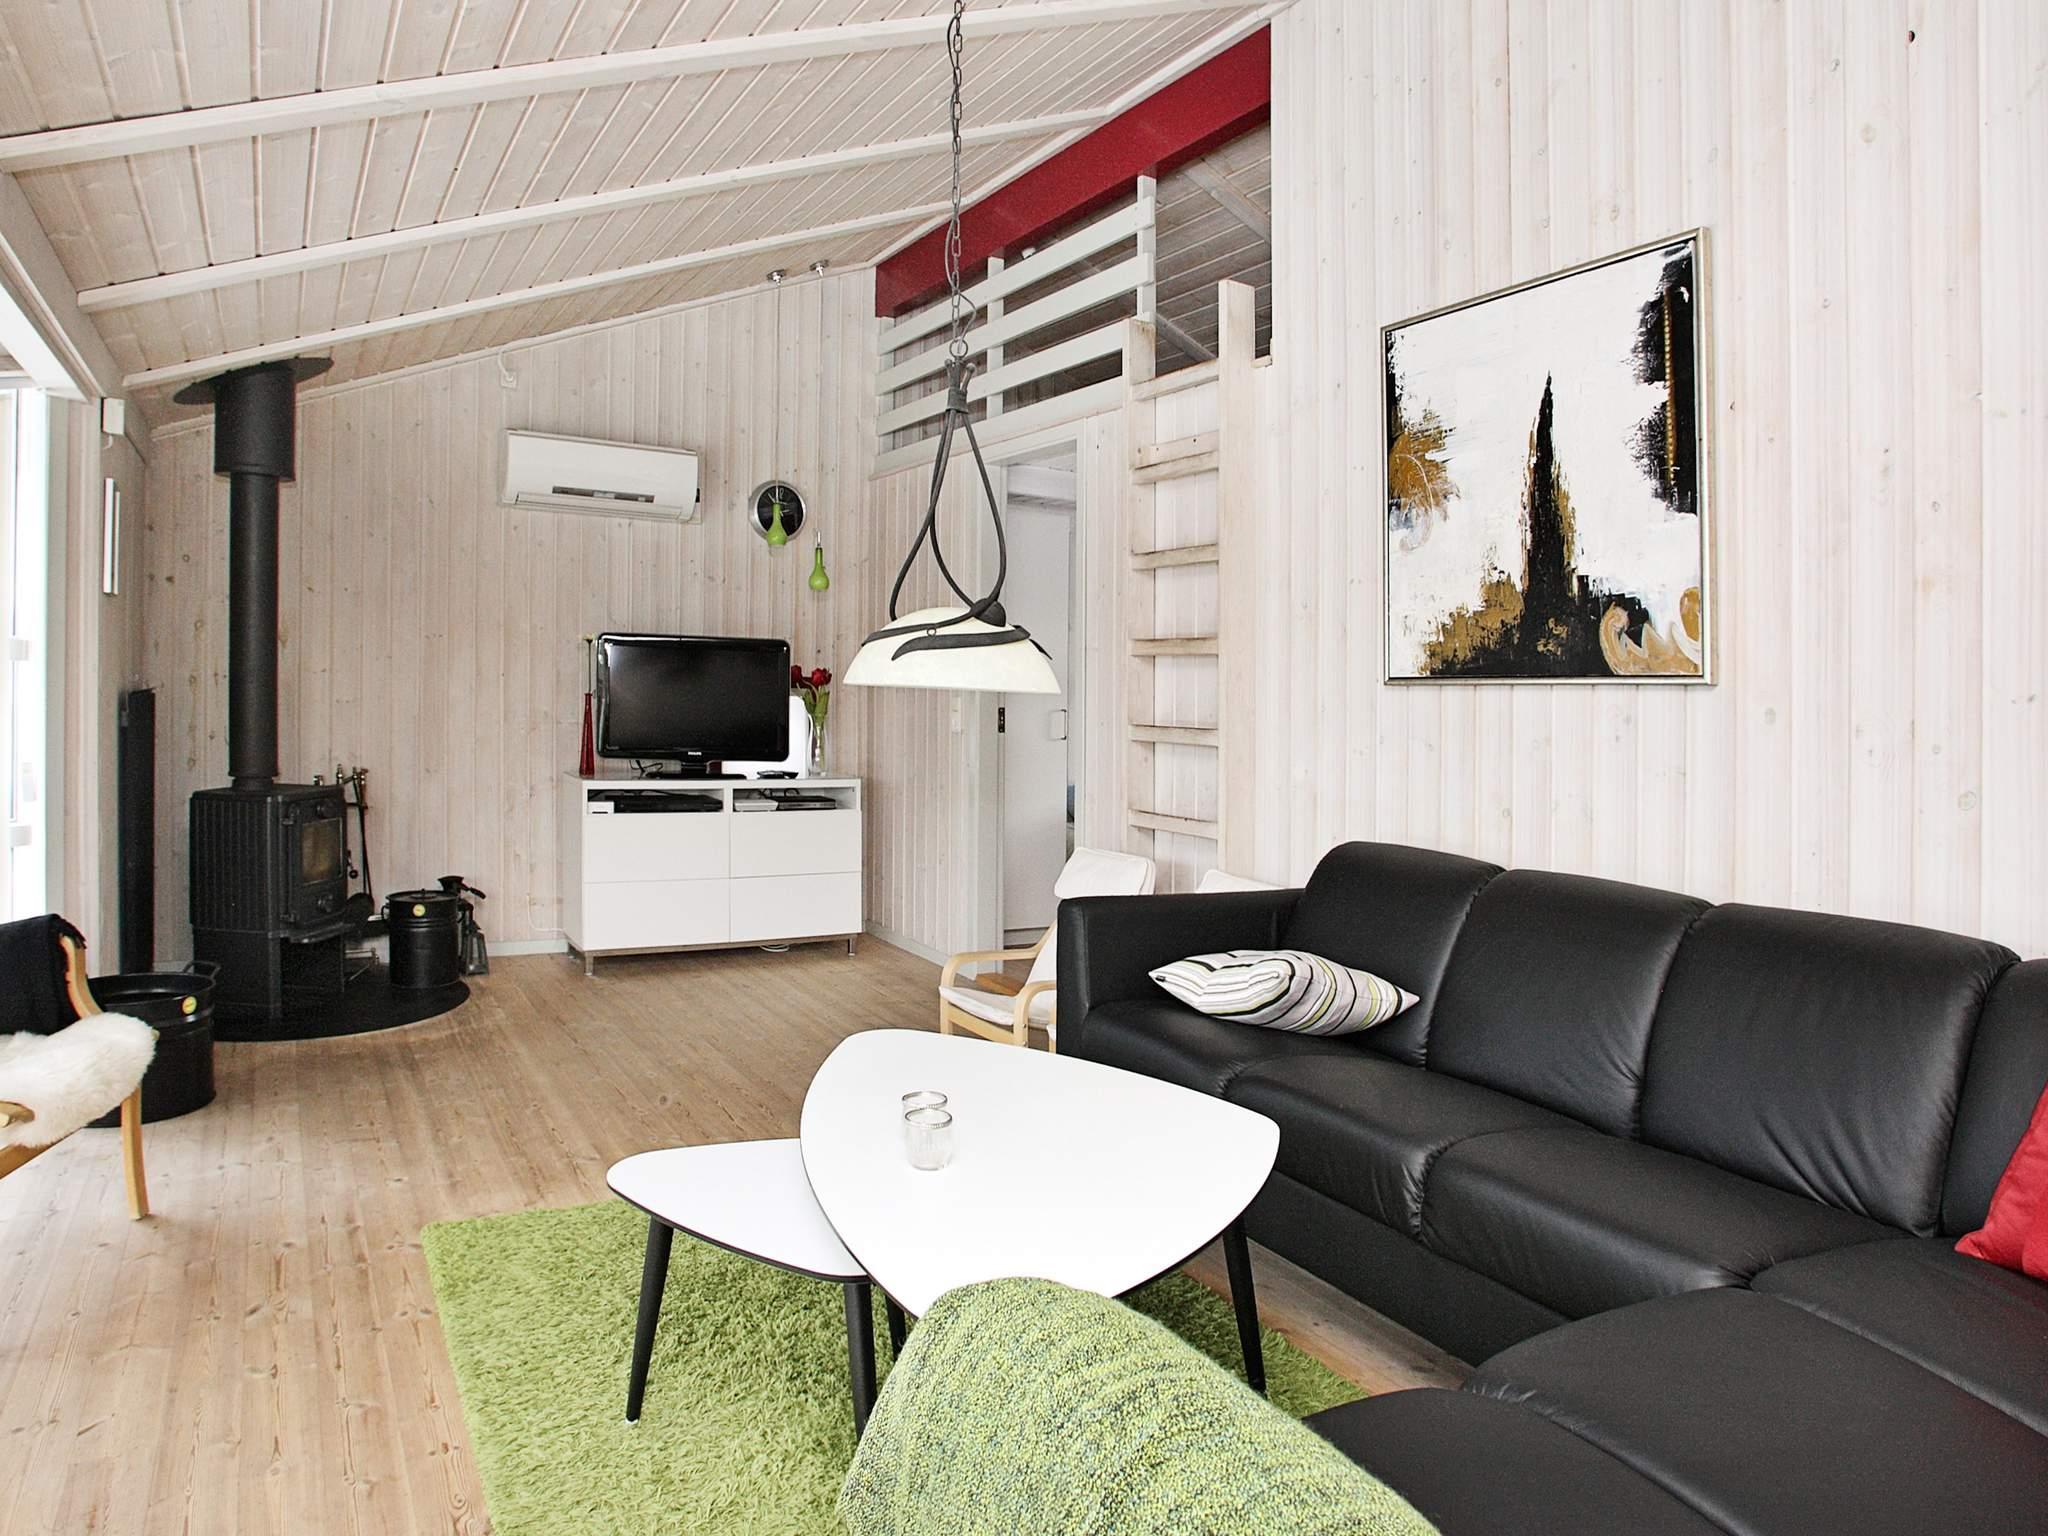 Ferienhaus Løkken (84407), Løkken, , Nordwestjütland, Dänemark, Bild 5